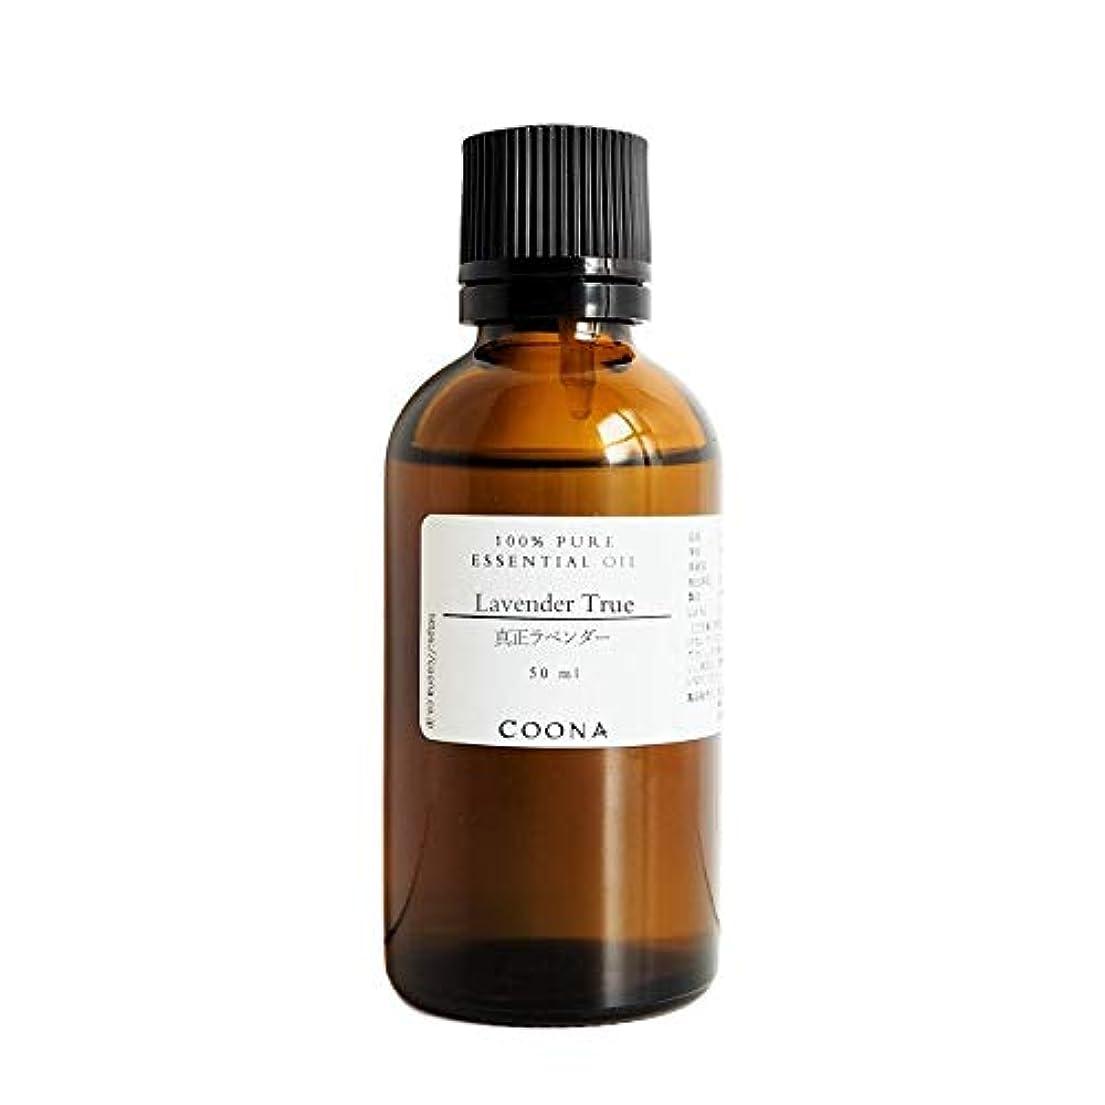 センサーアルプス表向き真正ラベンダー 50 ml (COONA エッセンシャルオイル アロマオイル 100%天然植物精油)